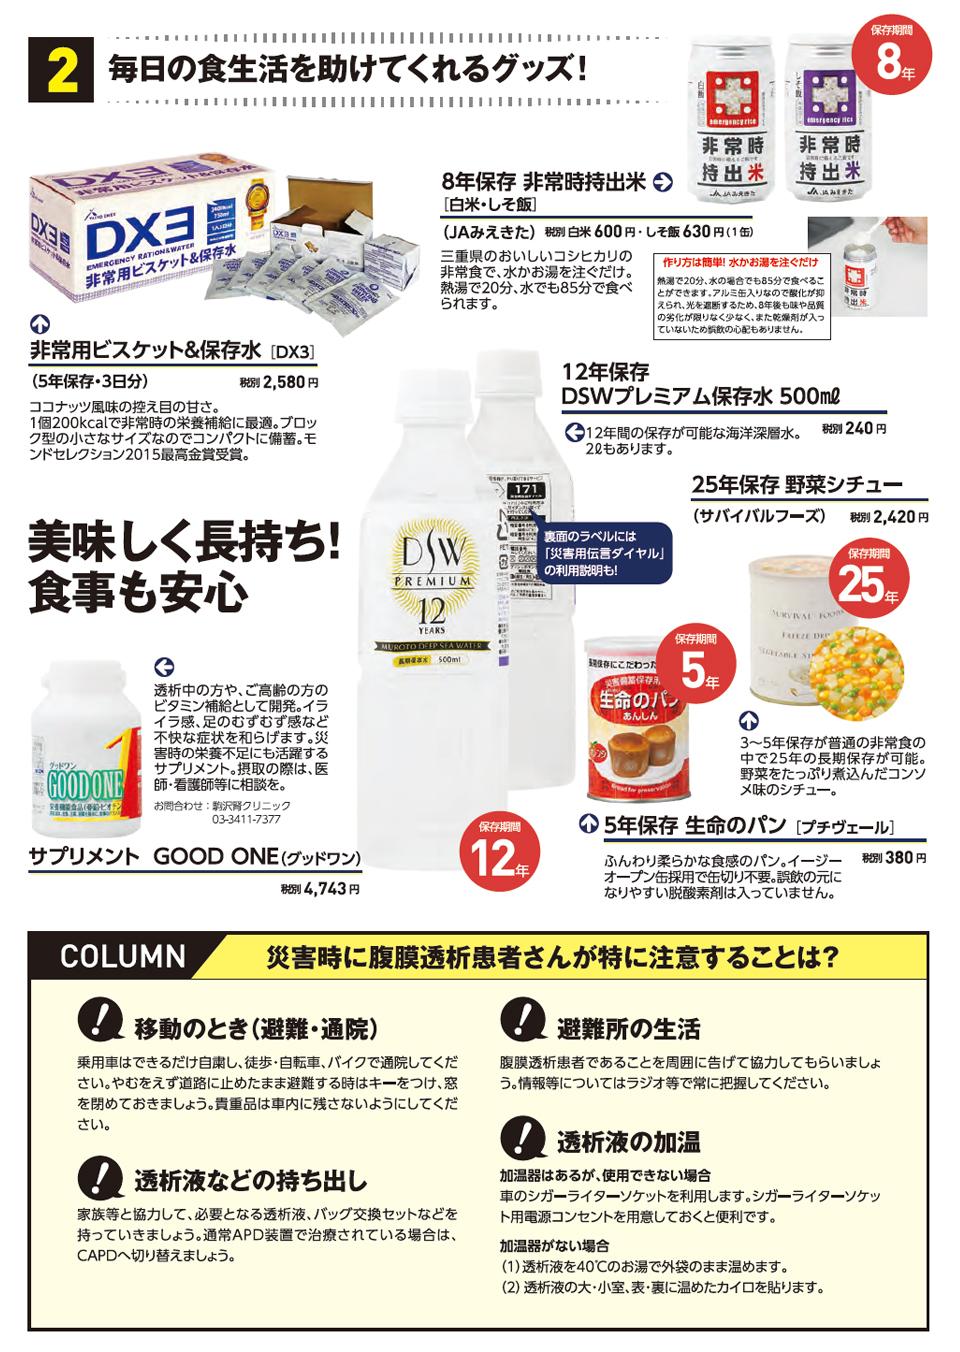 2.毎日の食生活を助けてくれるグッズ!/COLUMN.災害時に腹膜透析患者さんが特に注意することは?